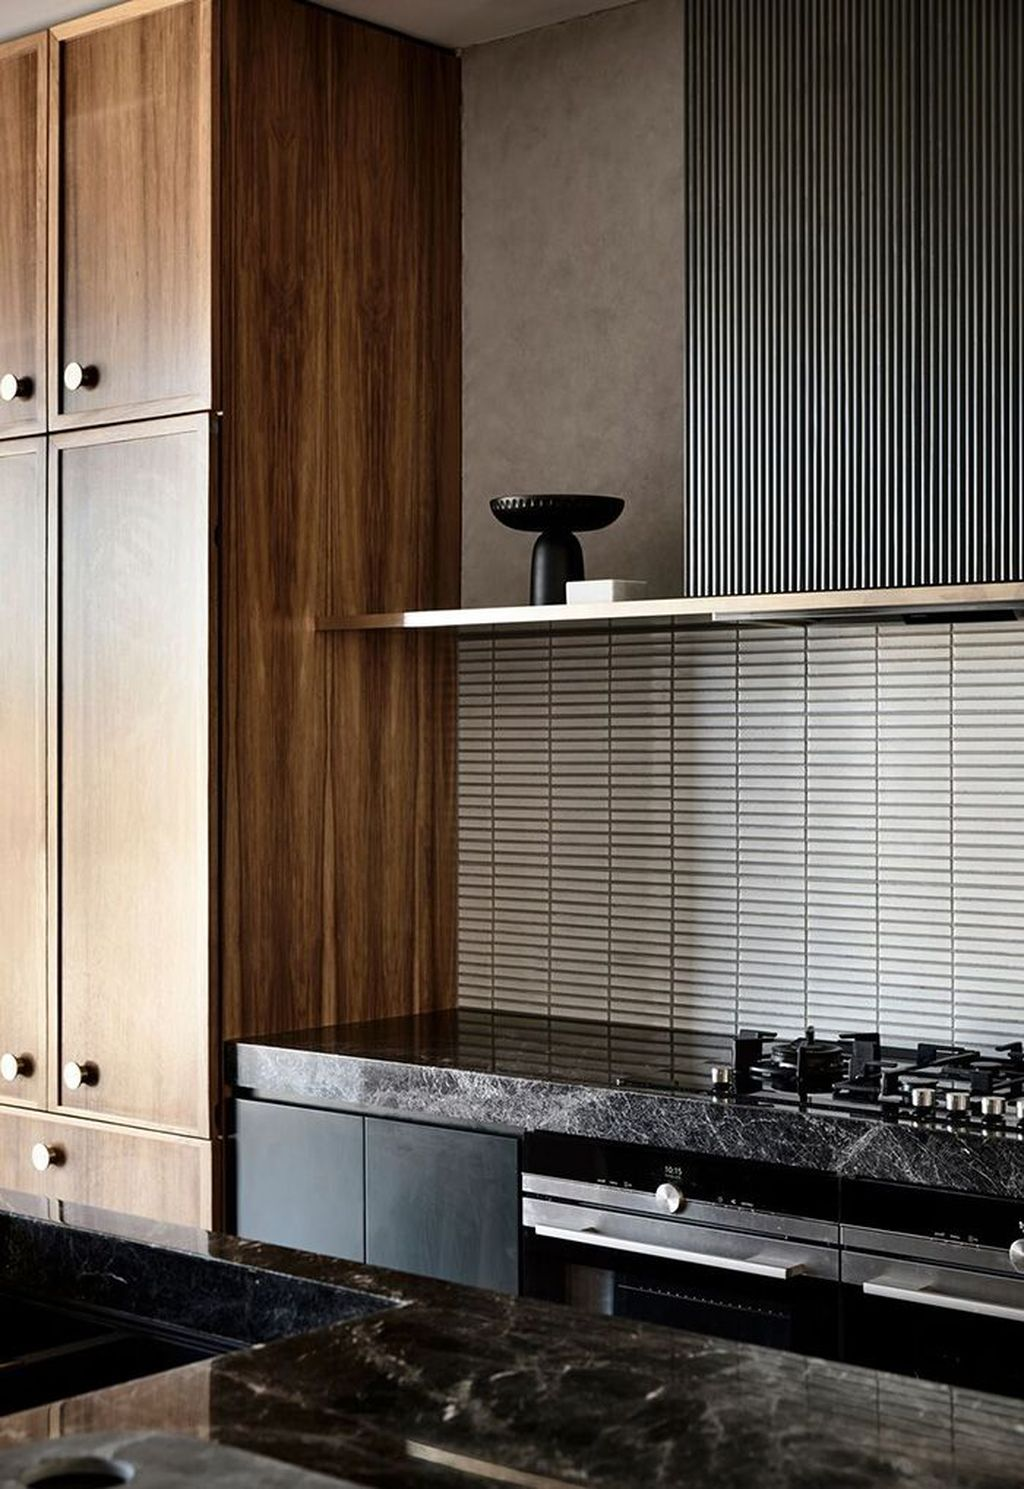 Amazing Texture Interior Design Ideas 10